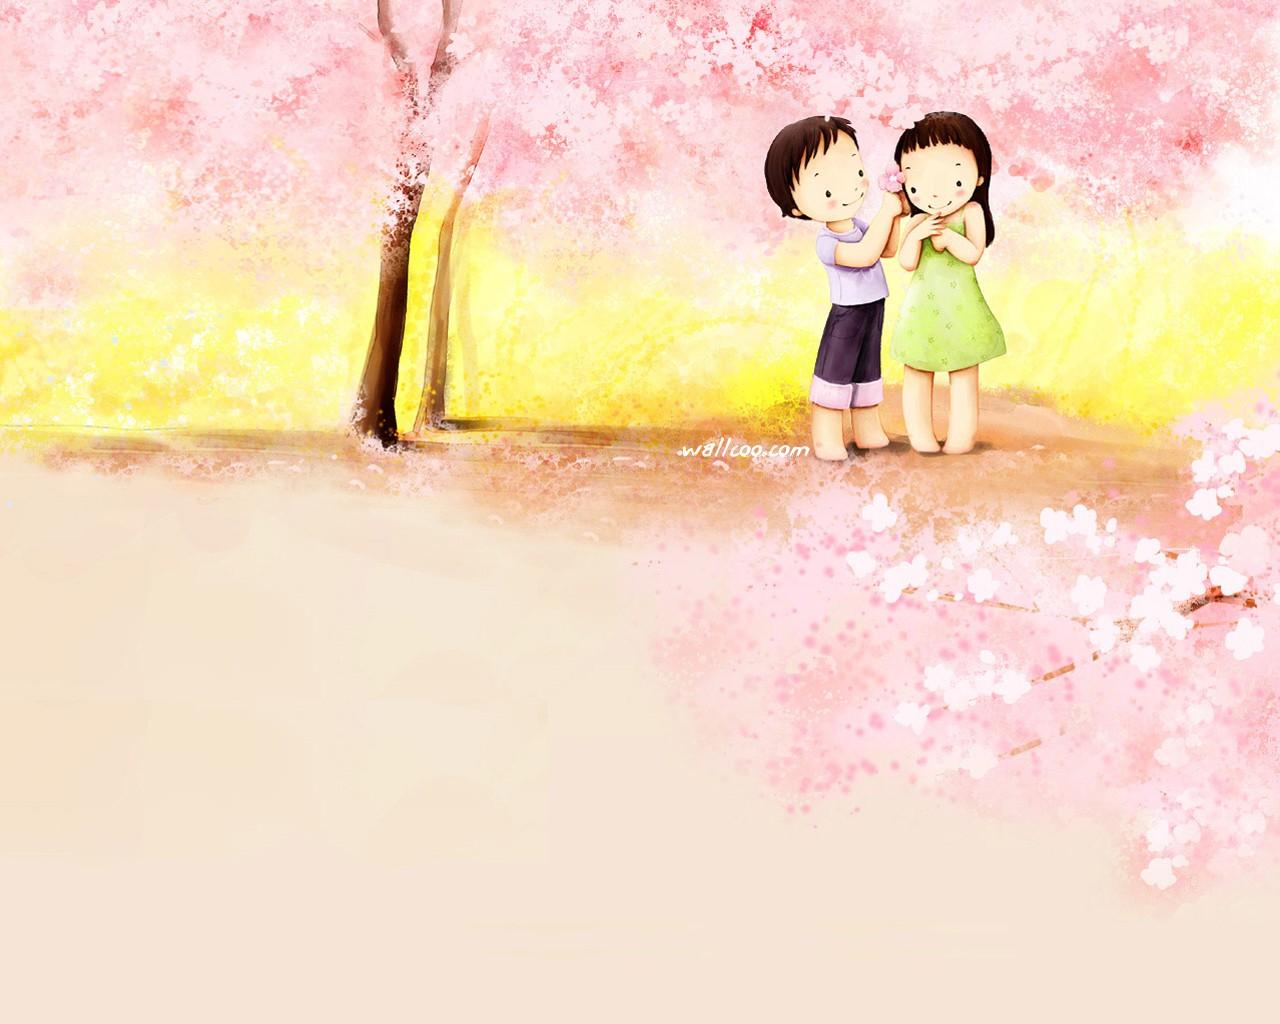 http://4.bp.blogspot.com/-aDH_08kKqv4/UEFSmcn1HWI/AAAAAAAAEMc/WIZ_giICHww/s1600/sweet_couples_cute_lover_1101986_top_wallcoo.com.jpg